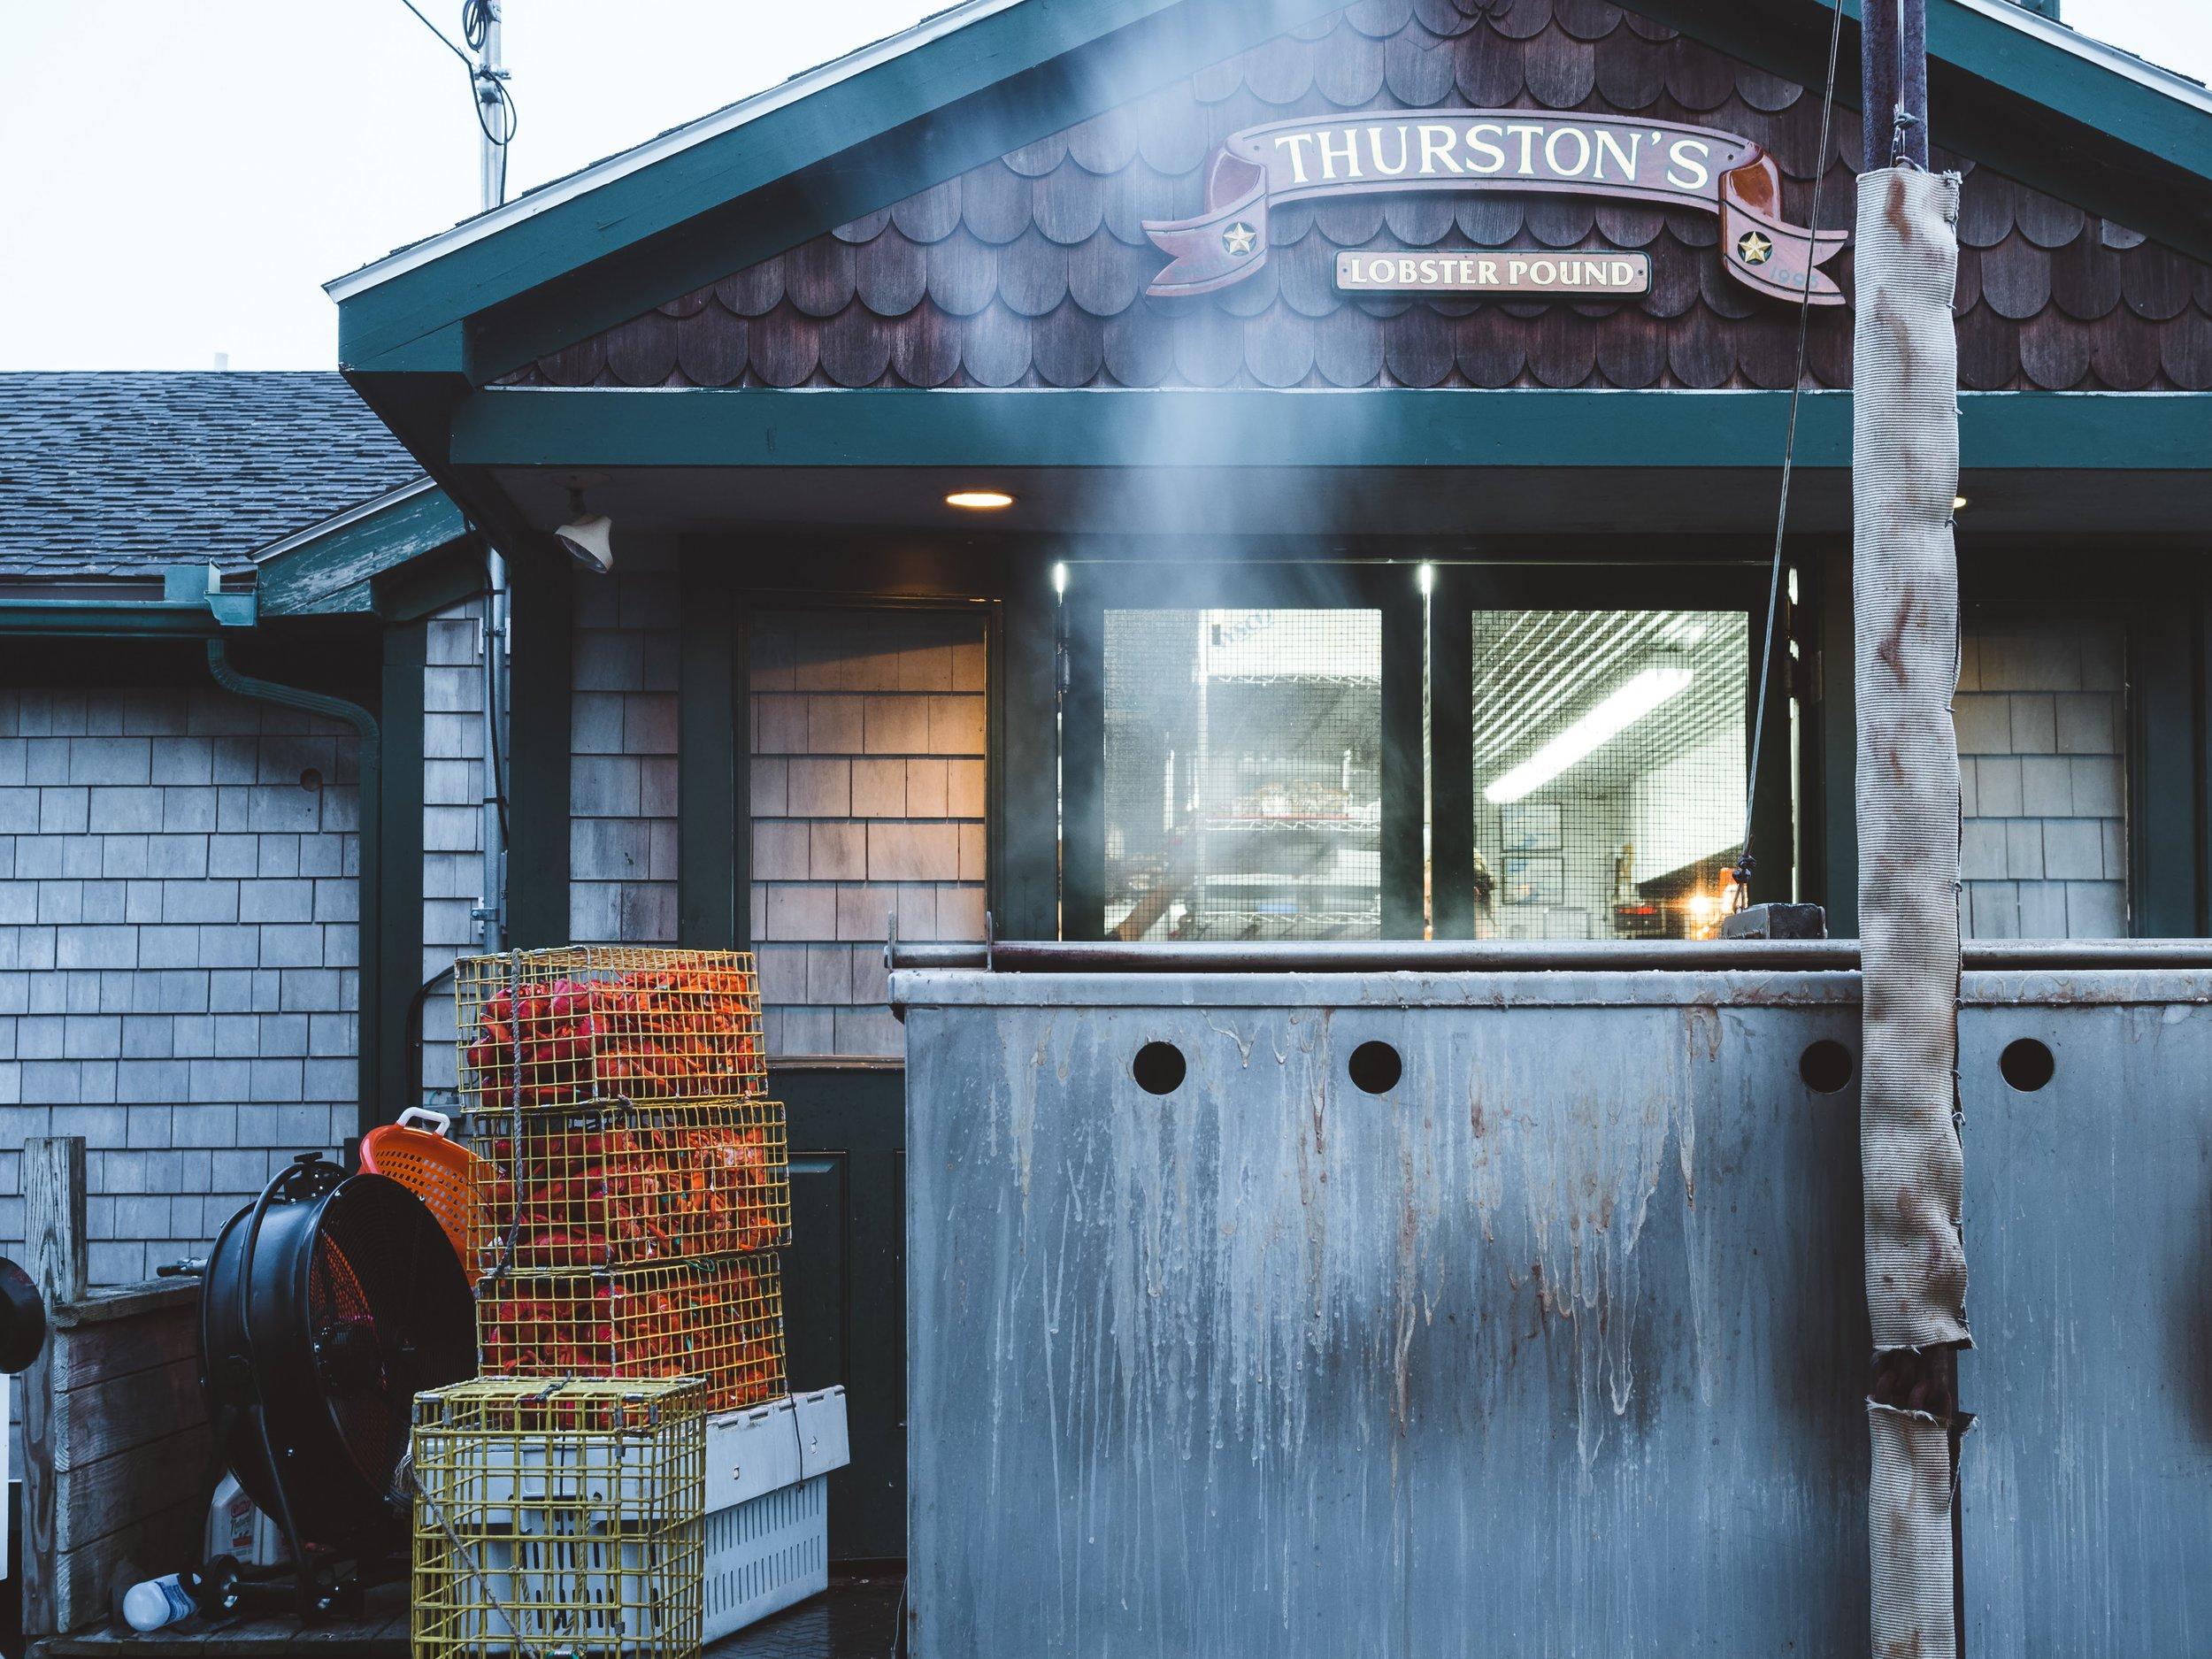 Thurston's Lobster Pound